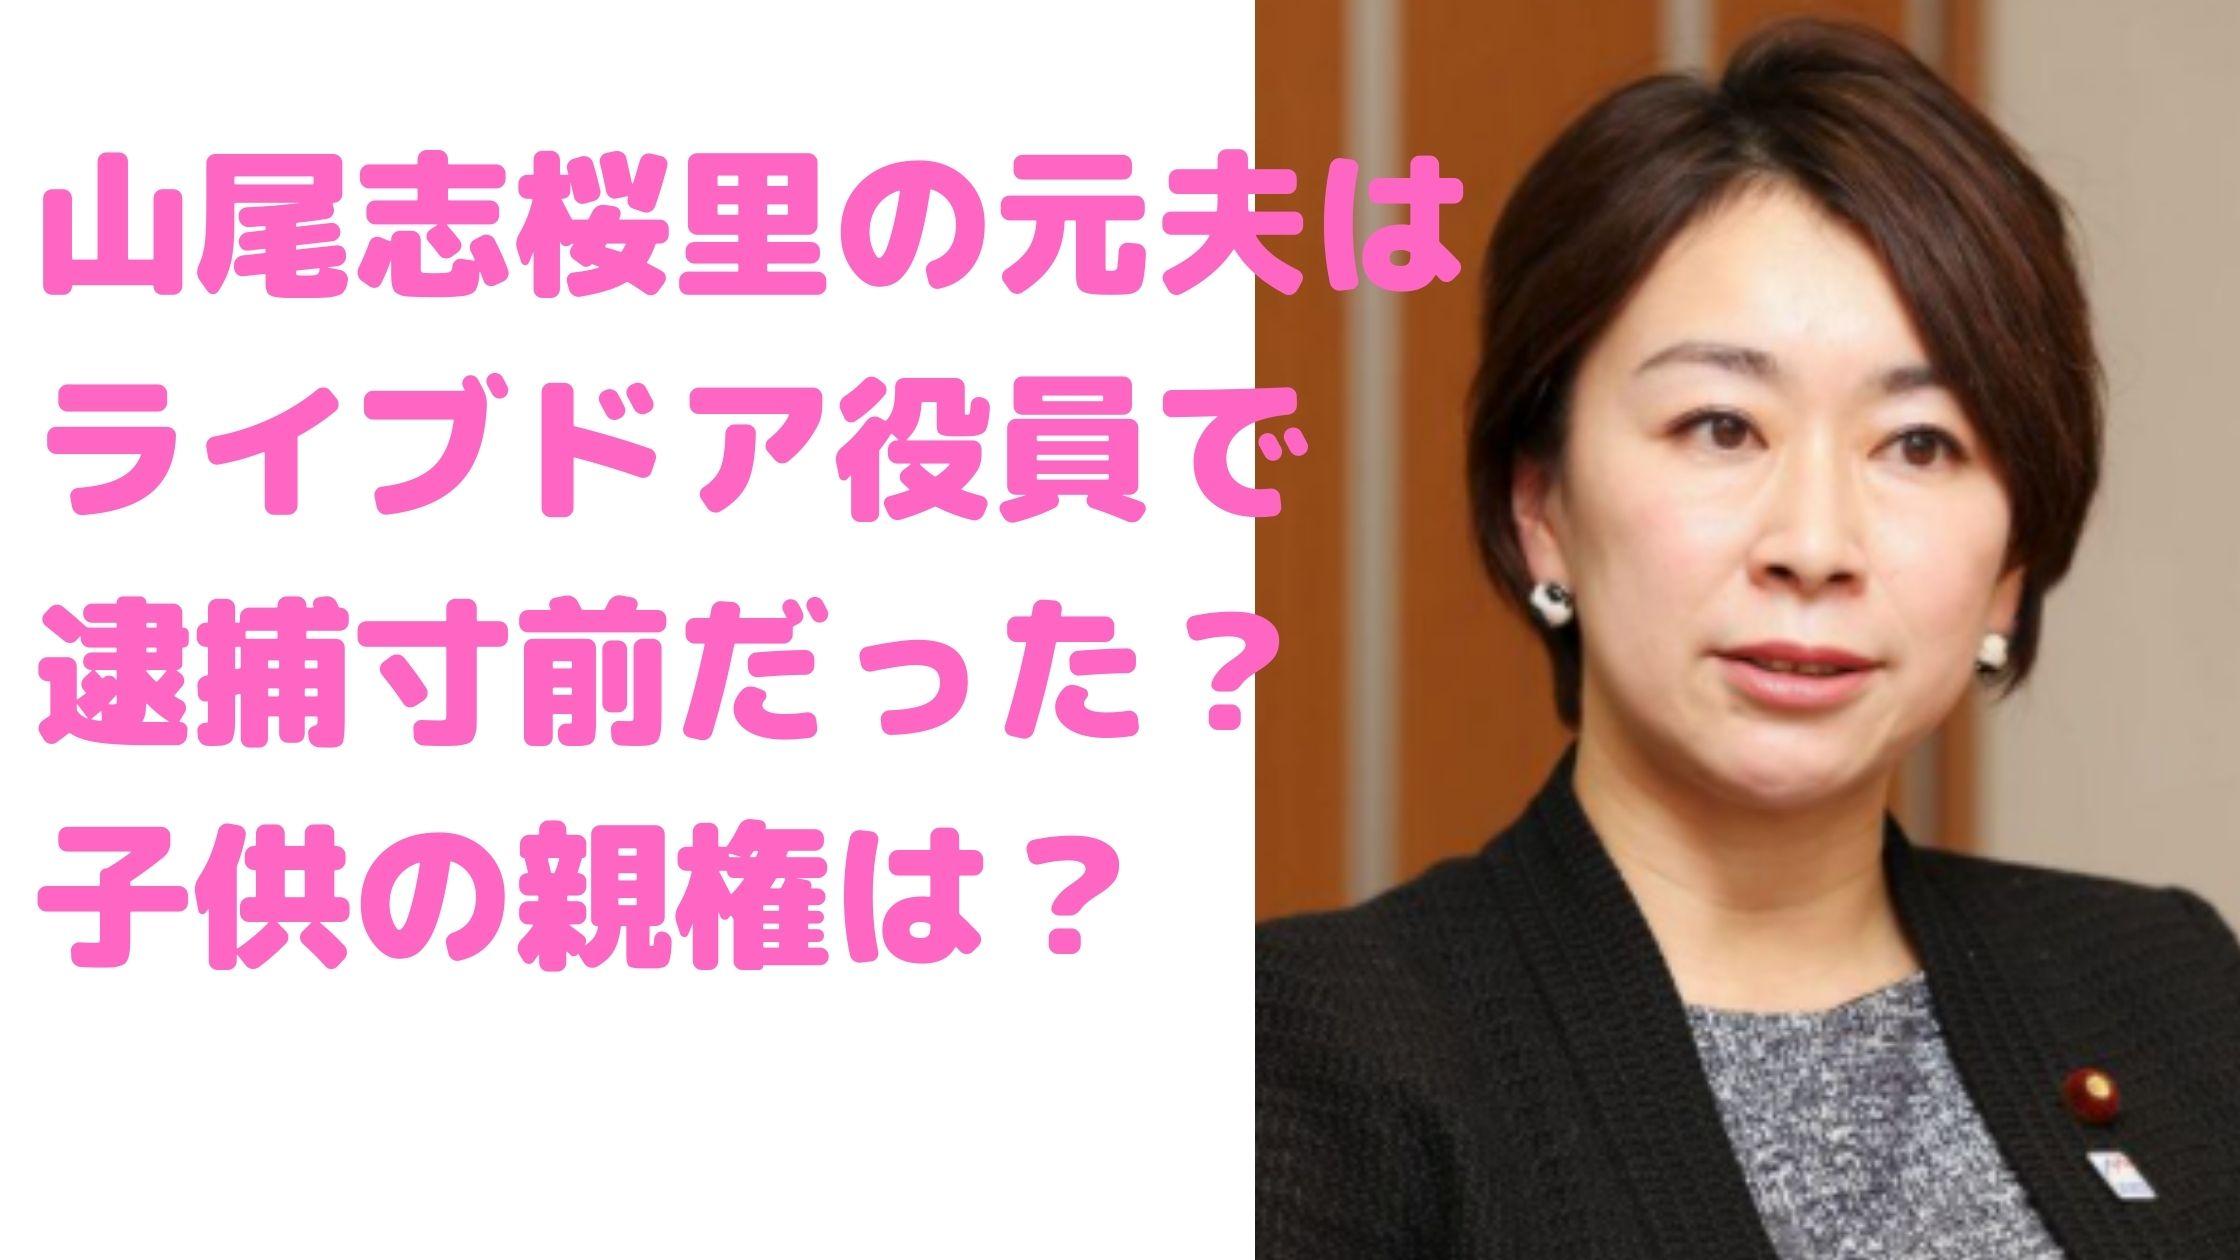 山尾志桜里 夫 山尾恭生 馴れ初め 離婚理由 子供 親権 性別